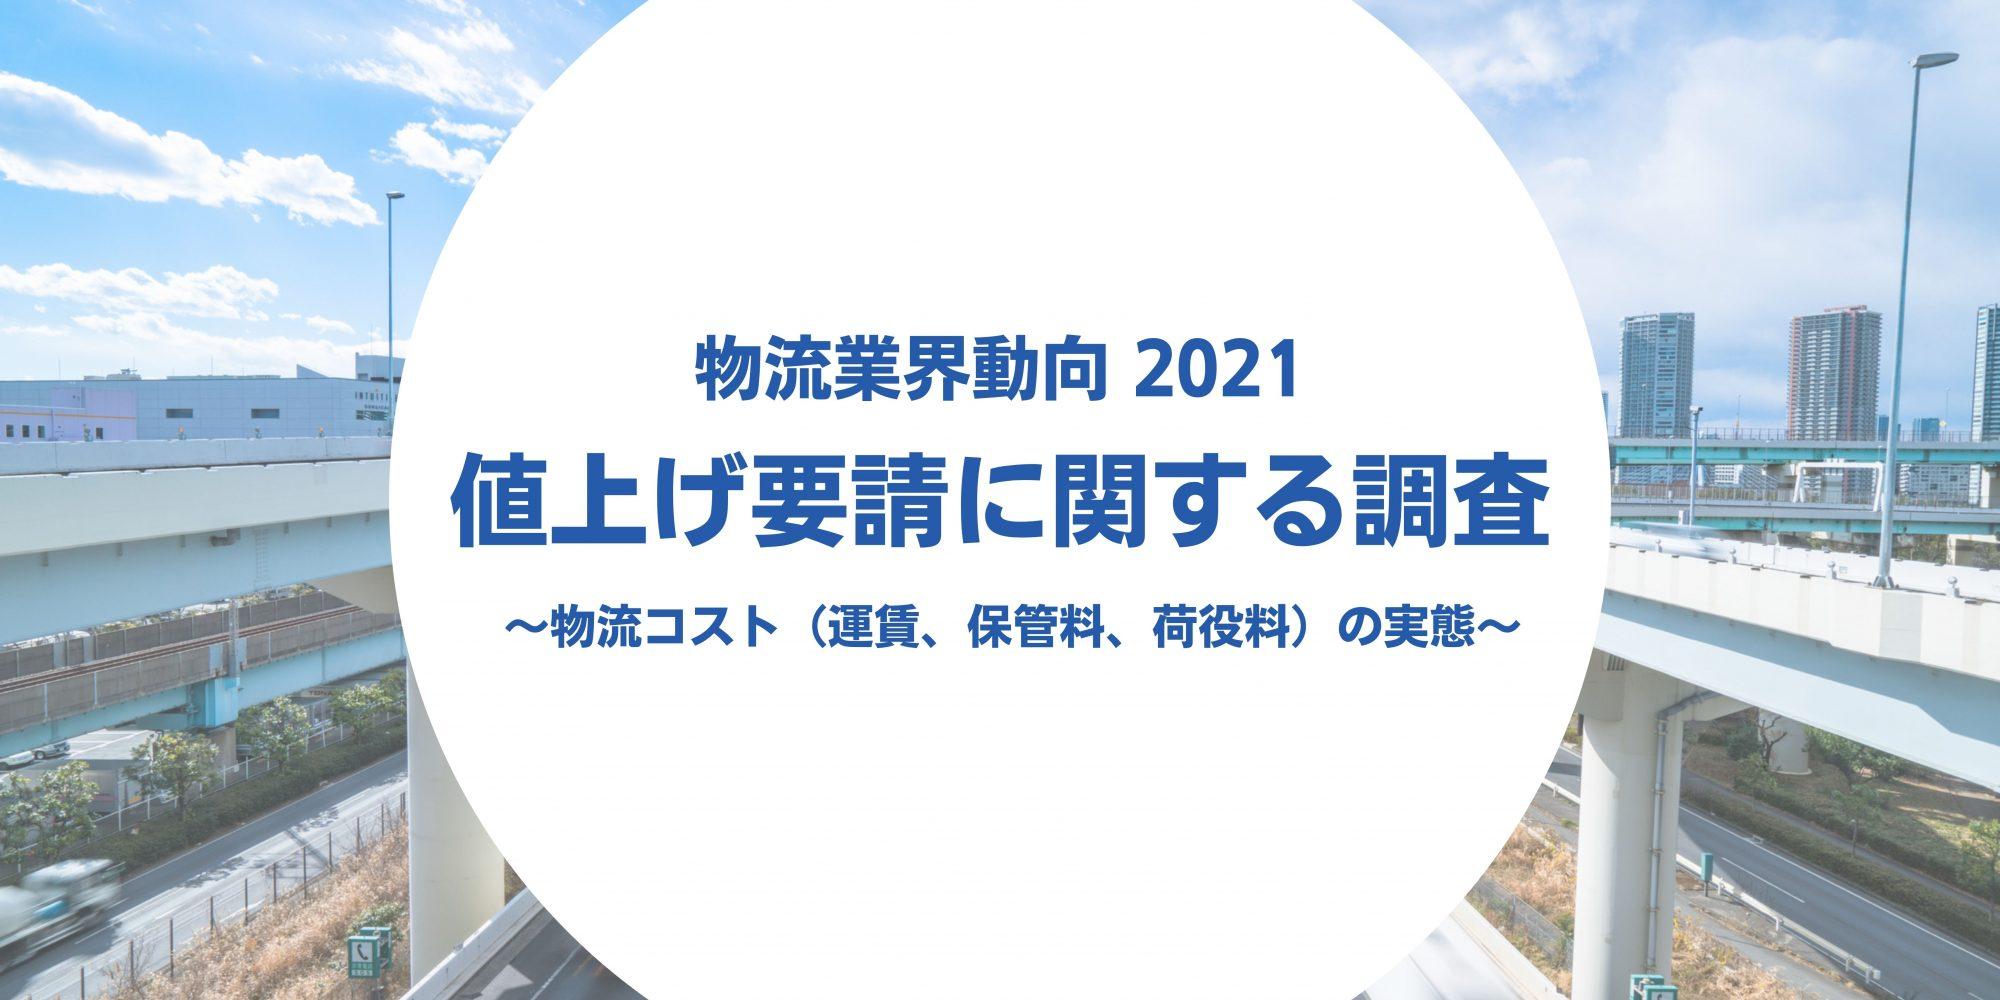 物流業界動向 値上げ要請に関する調査-2021年-